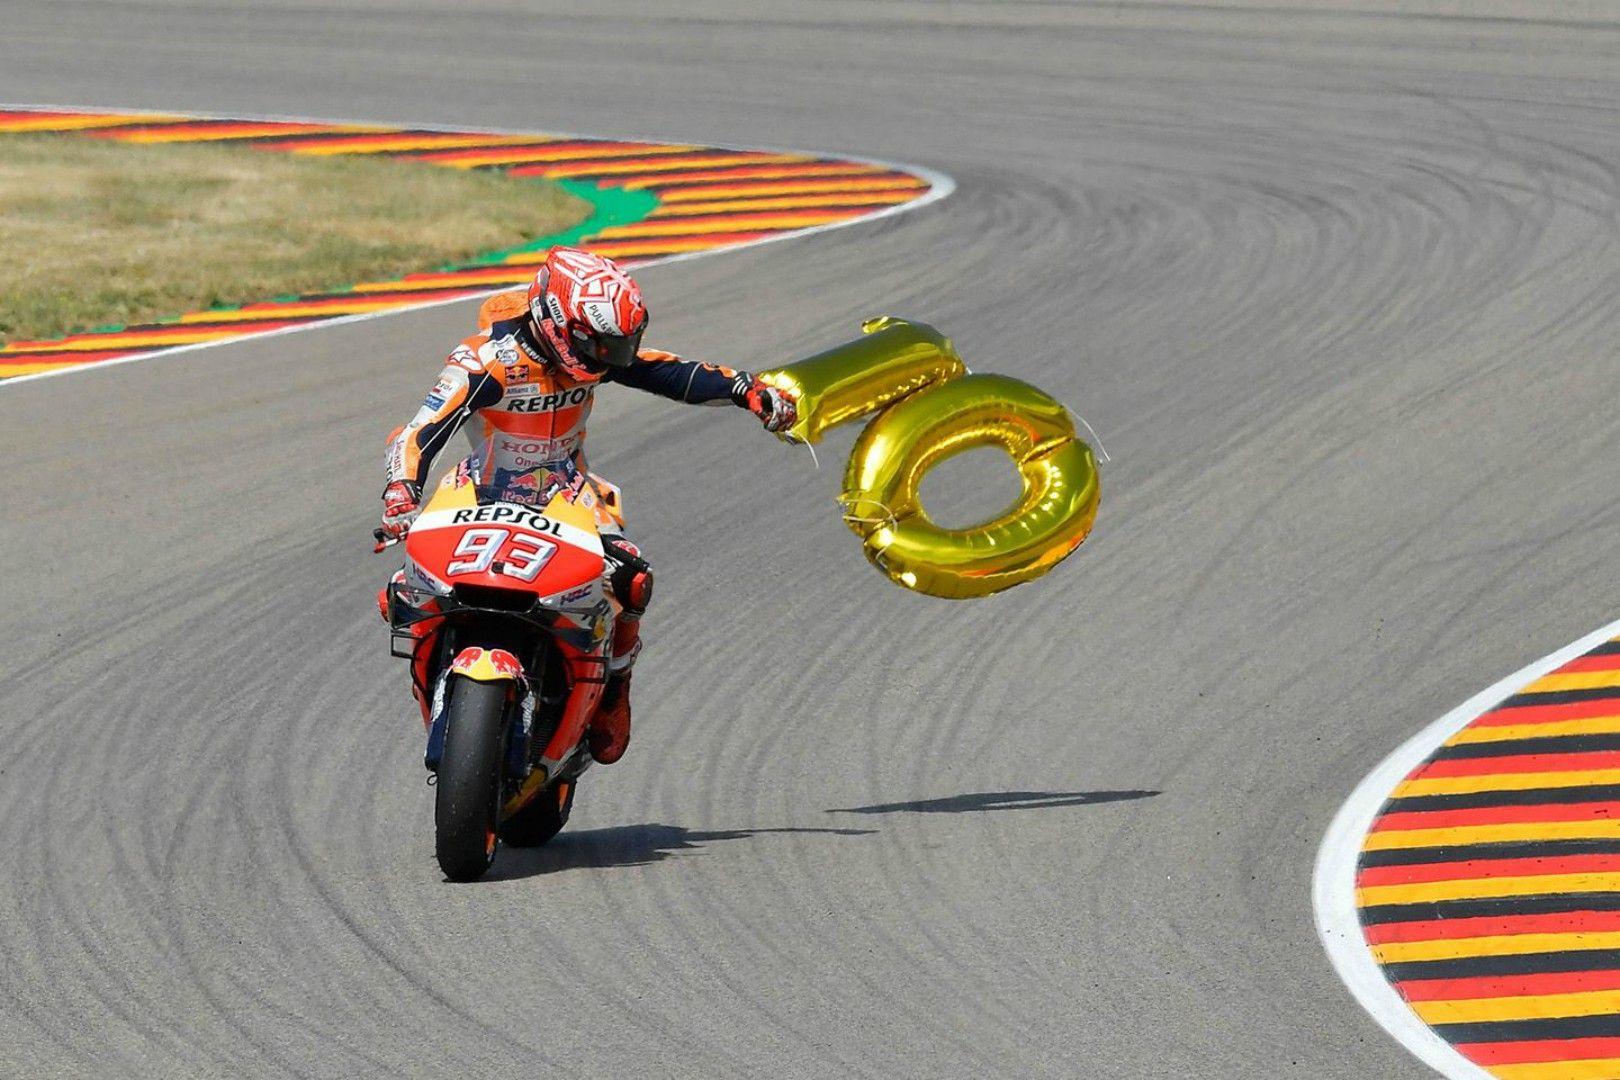 Moto Prix Ger Motogp Repsol Honda Team S Spanish Rider Marc